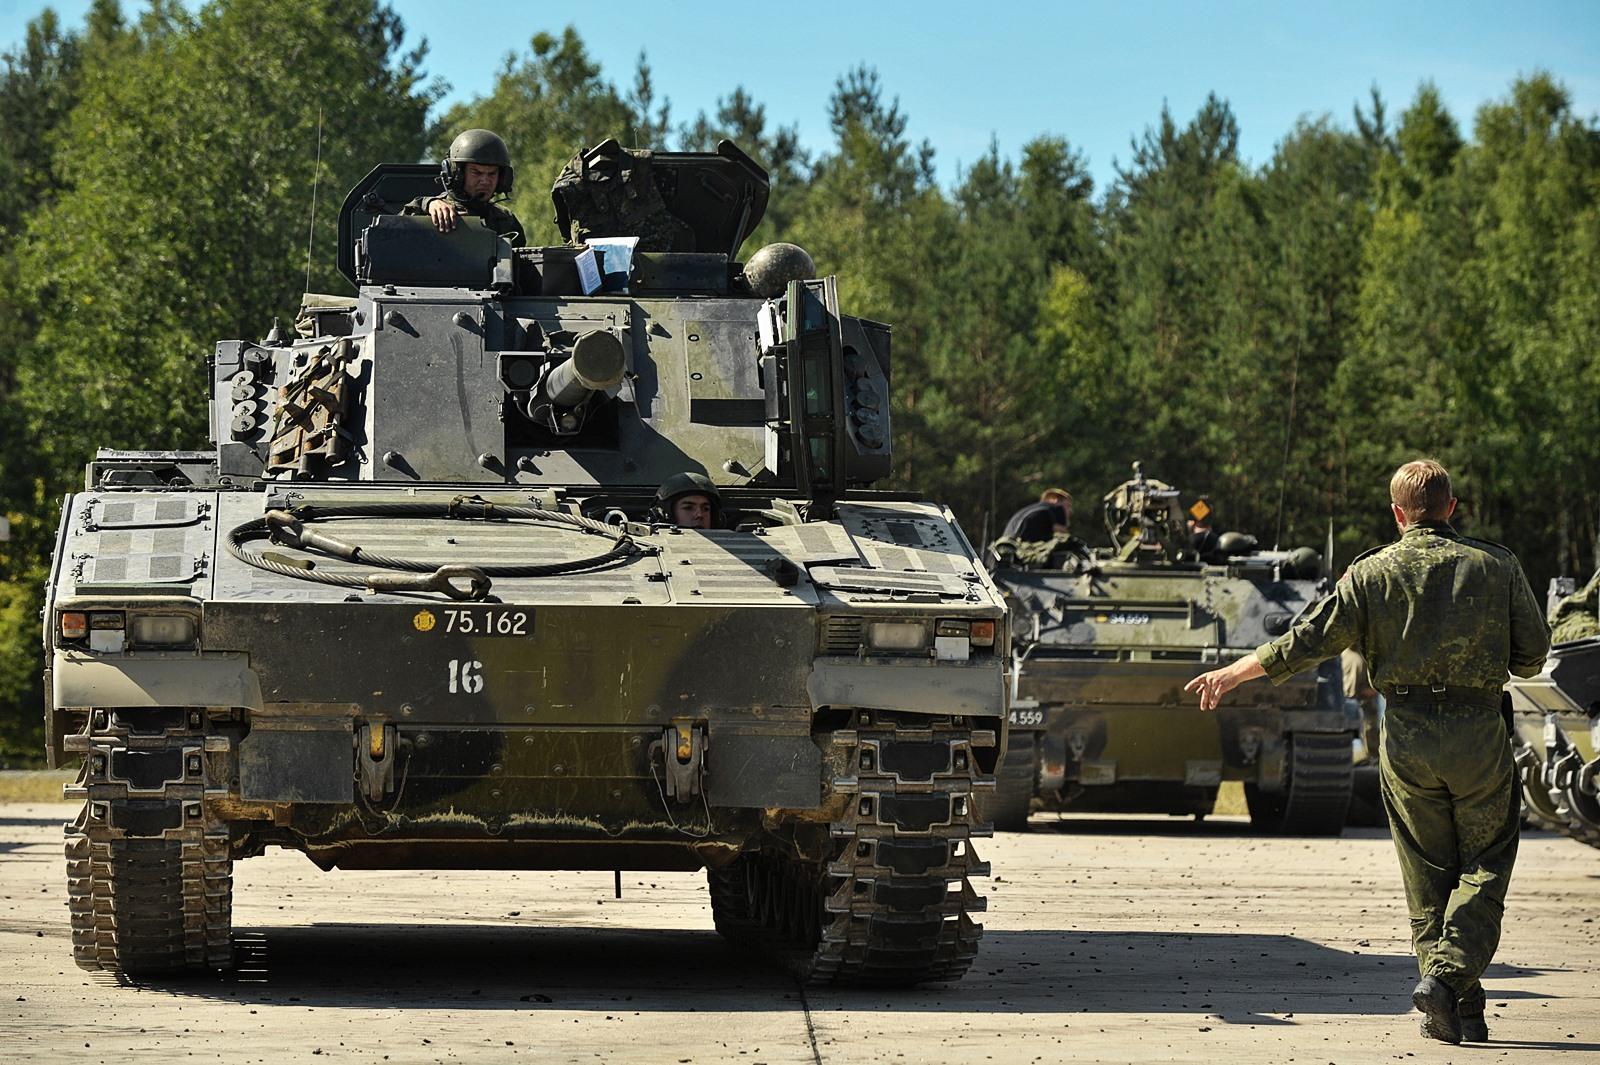 독일 JMTC에서 훈련하는 덴마크 전차와 장갑차들